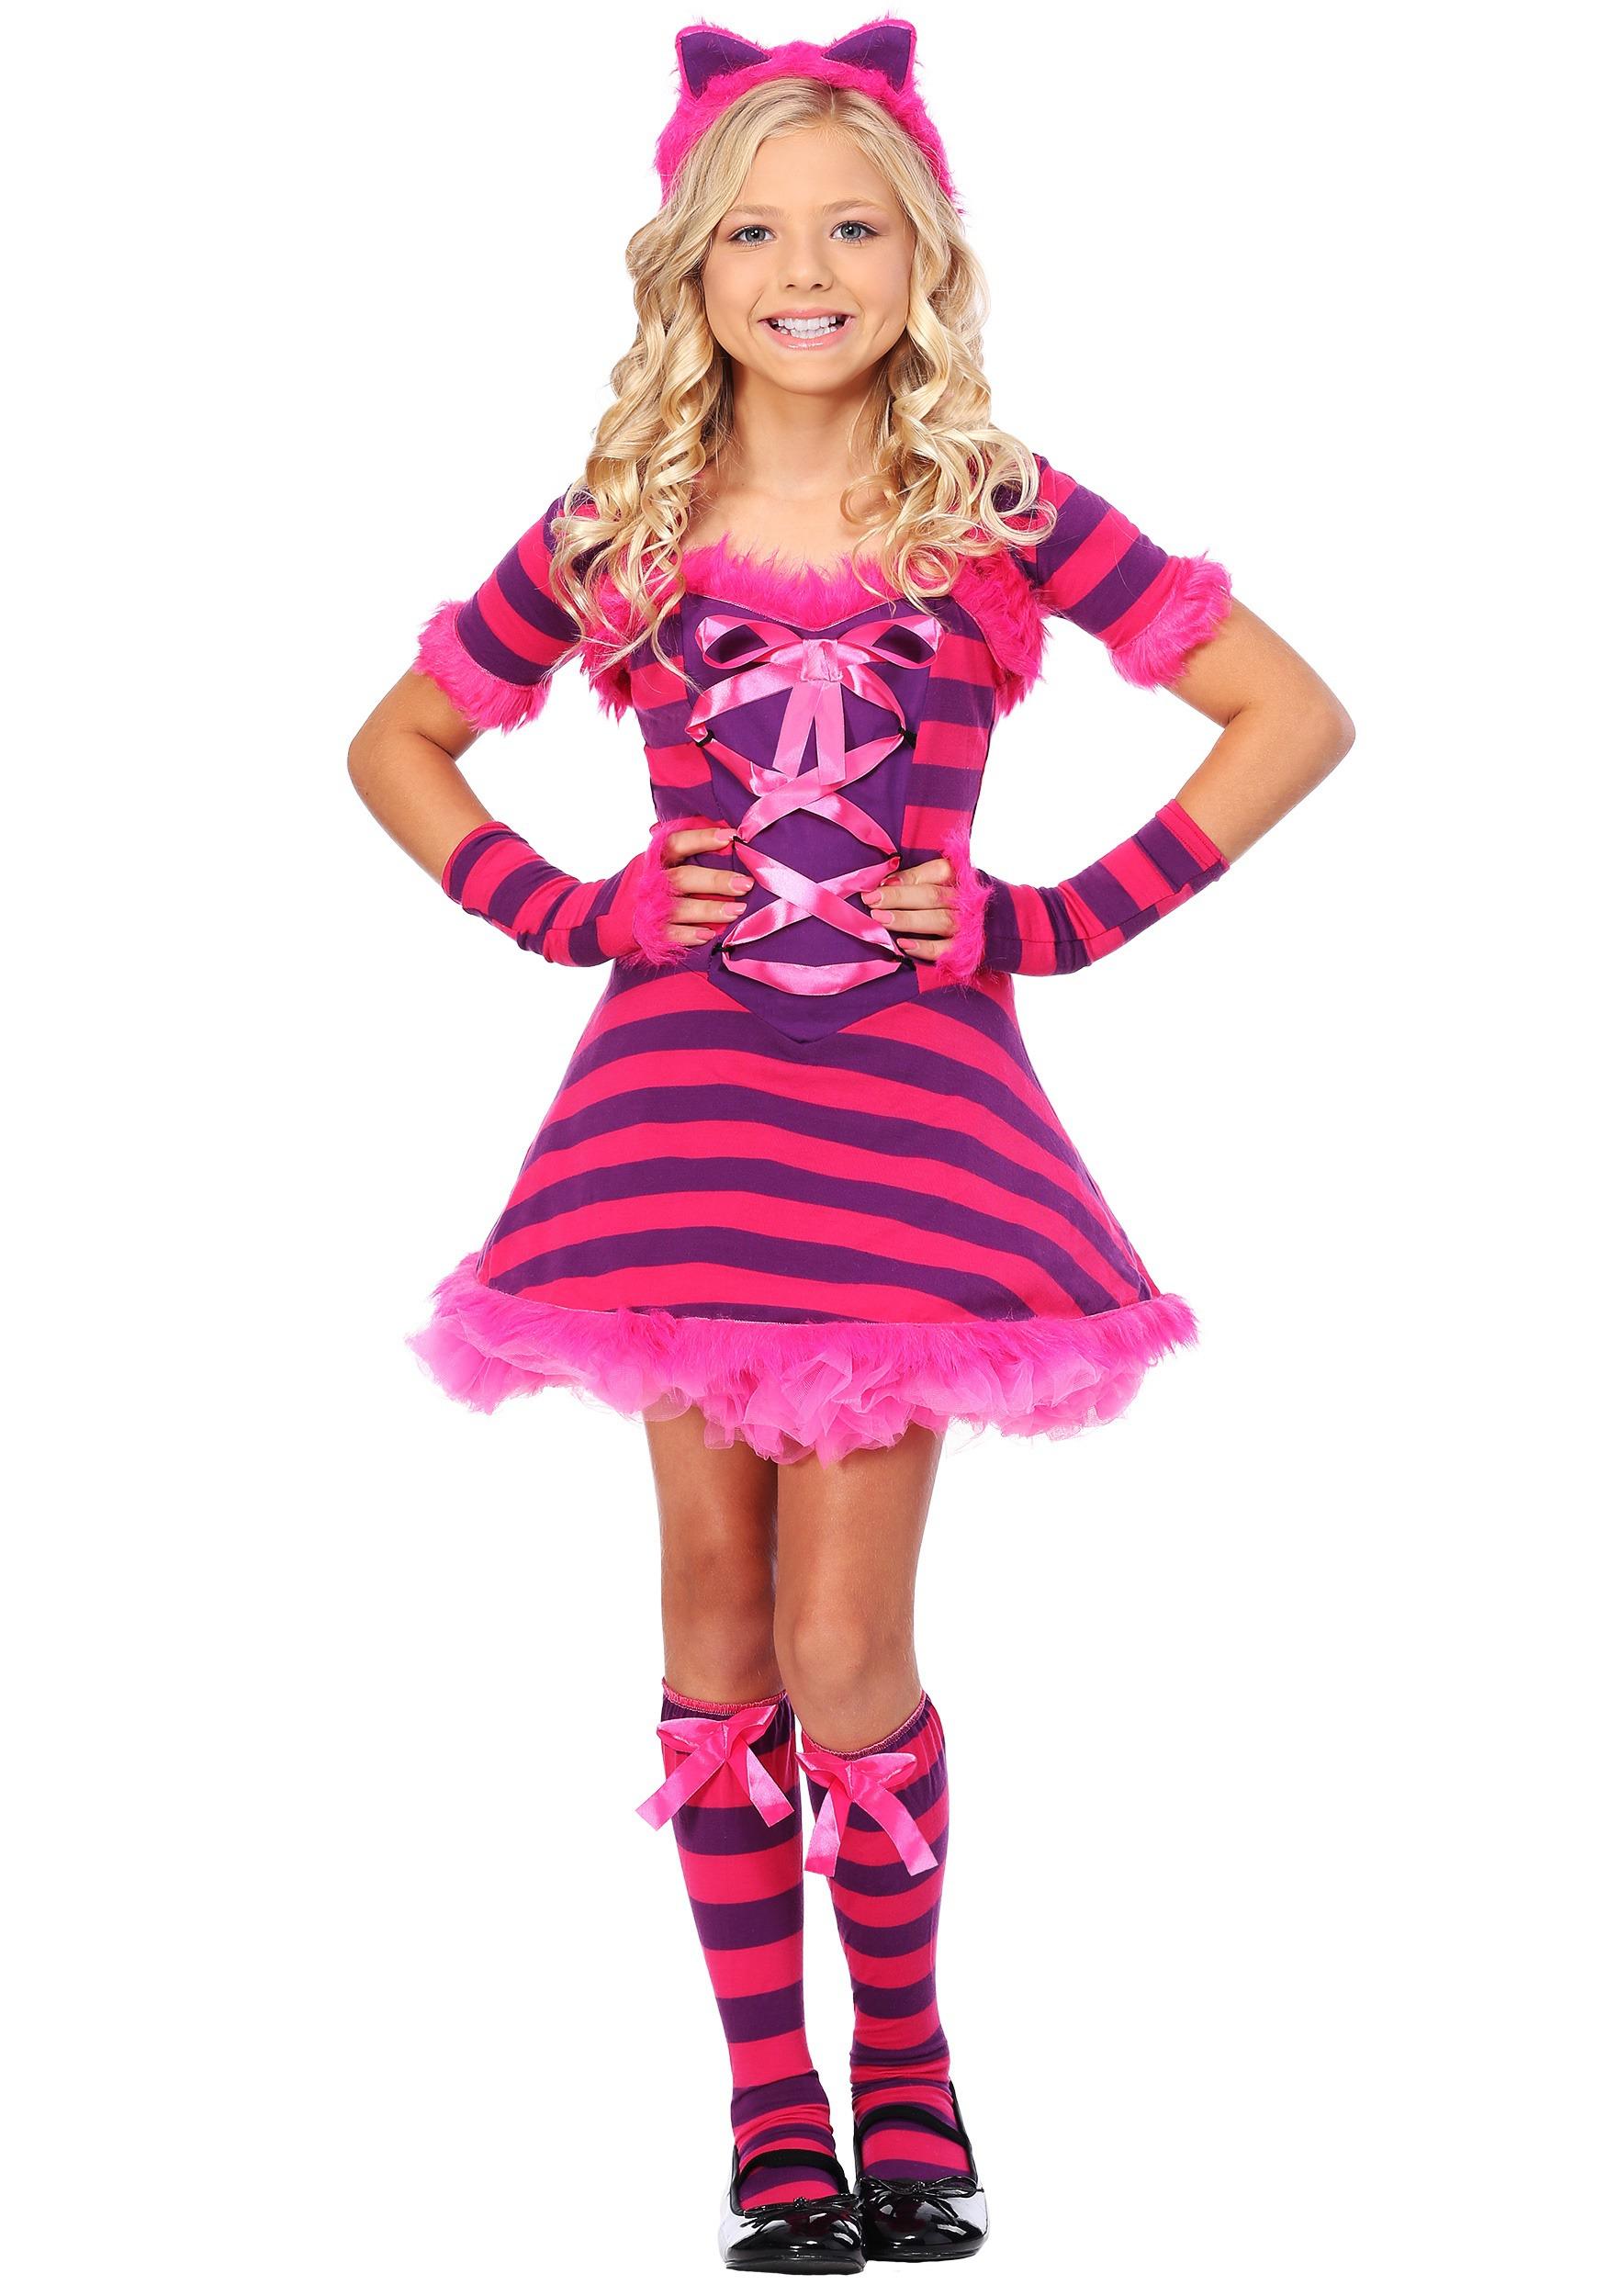 Girls Sassy Wonderland Cat Costume  sc 1 st  Halloween Costume & Girls Sassy Wonderland Cat Costume - Kids Cheshire Cat Costumes